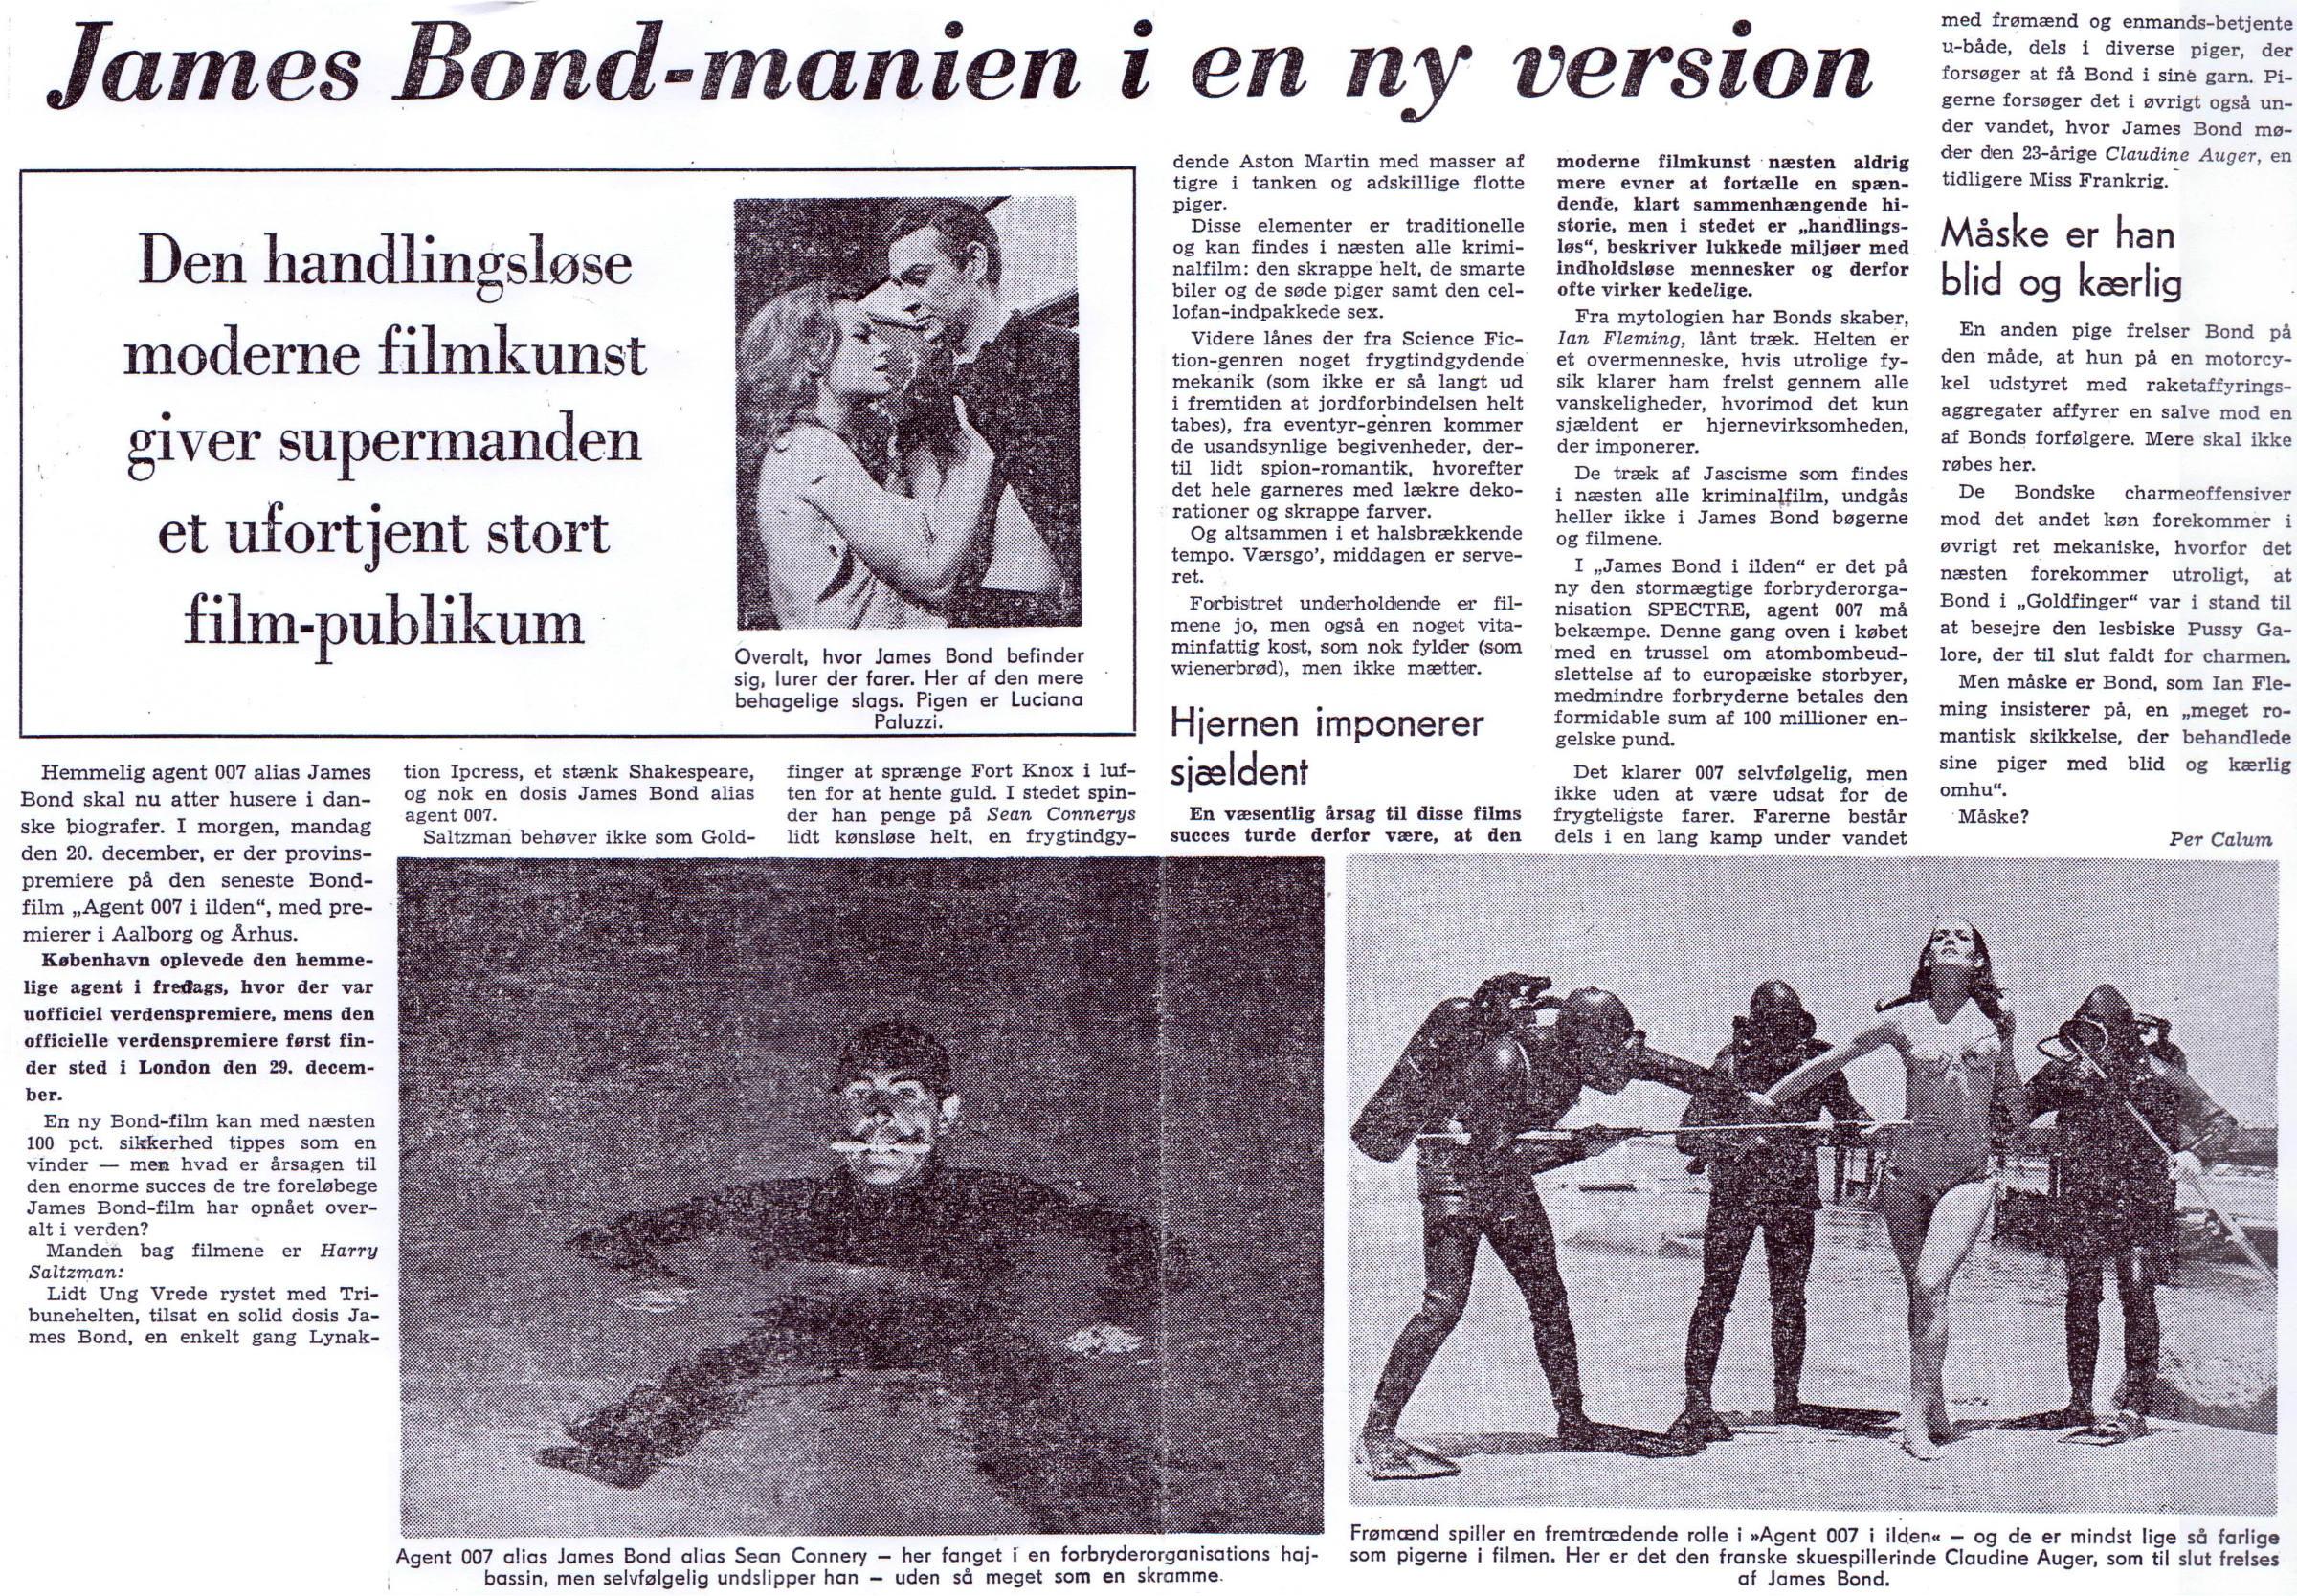 Agent 007 i ilden: Jyllands-Postens foromtale 19.12.1965